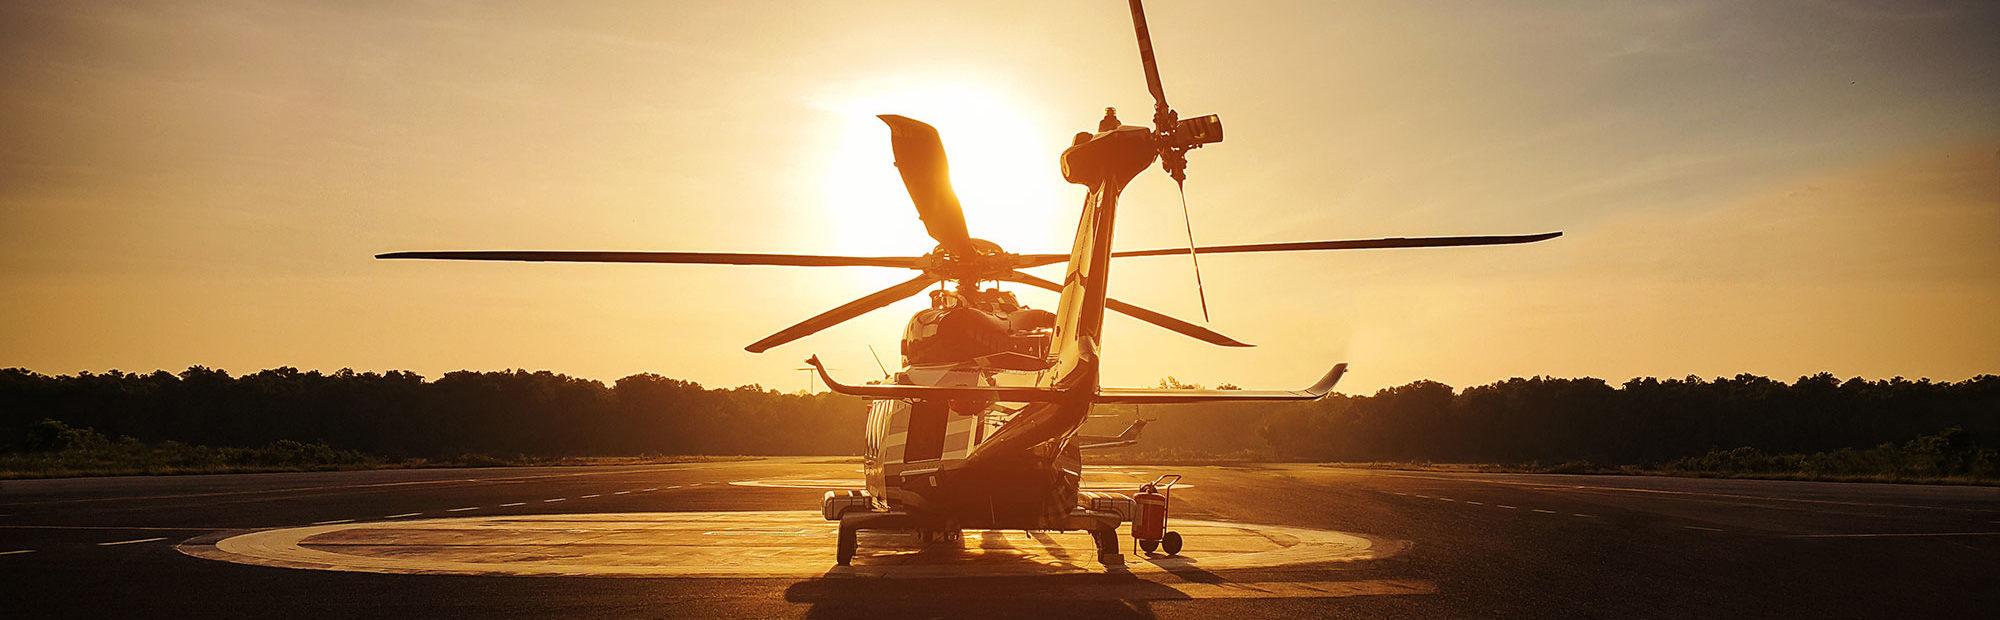 CW Hubschrauber Mieten